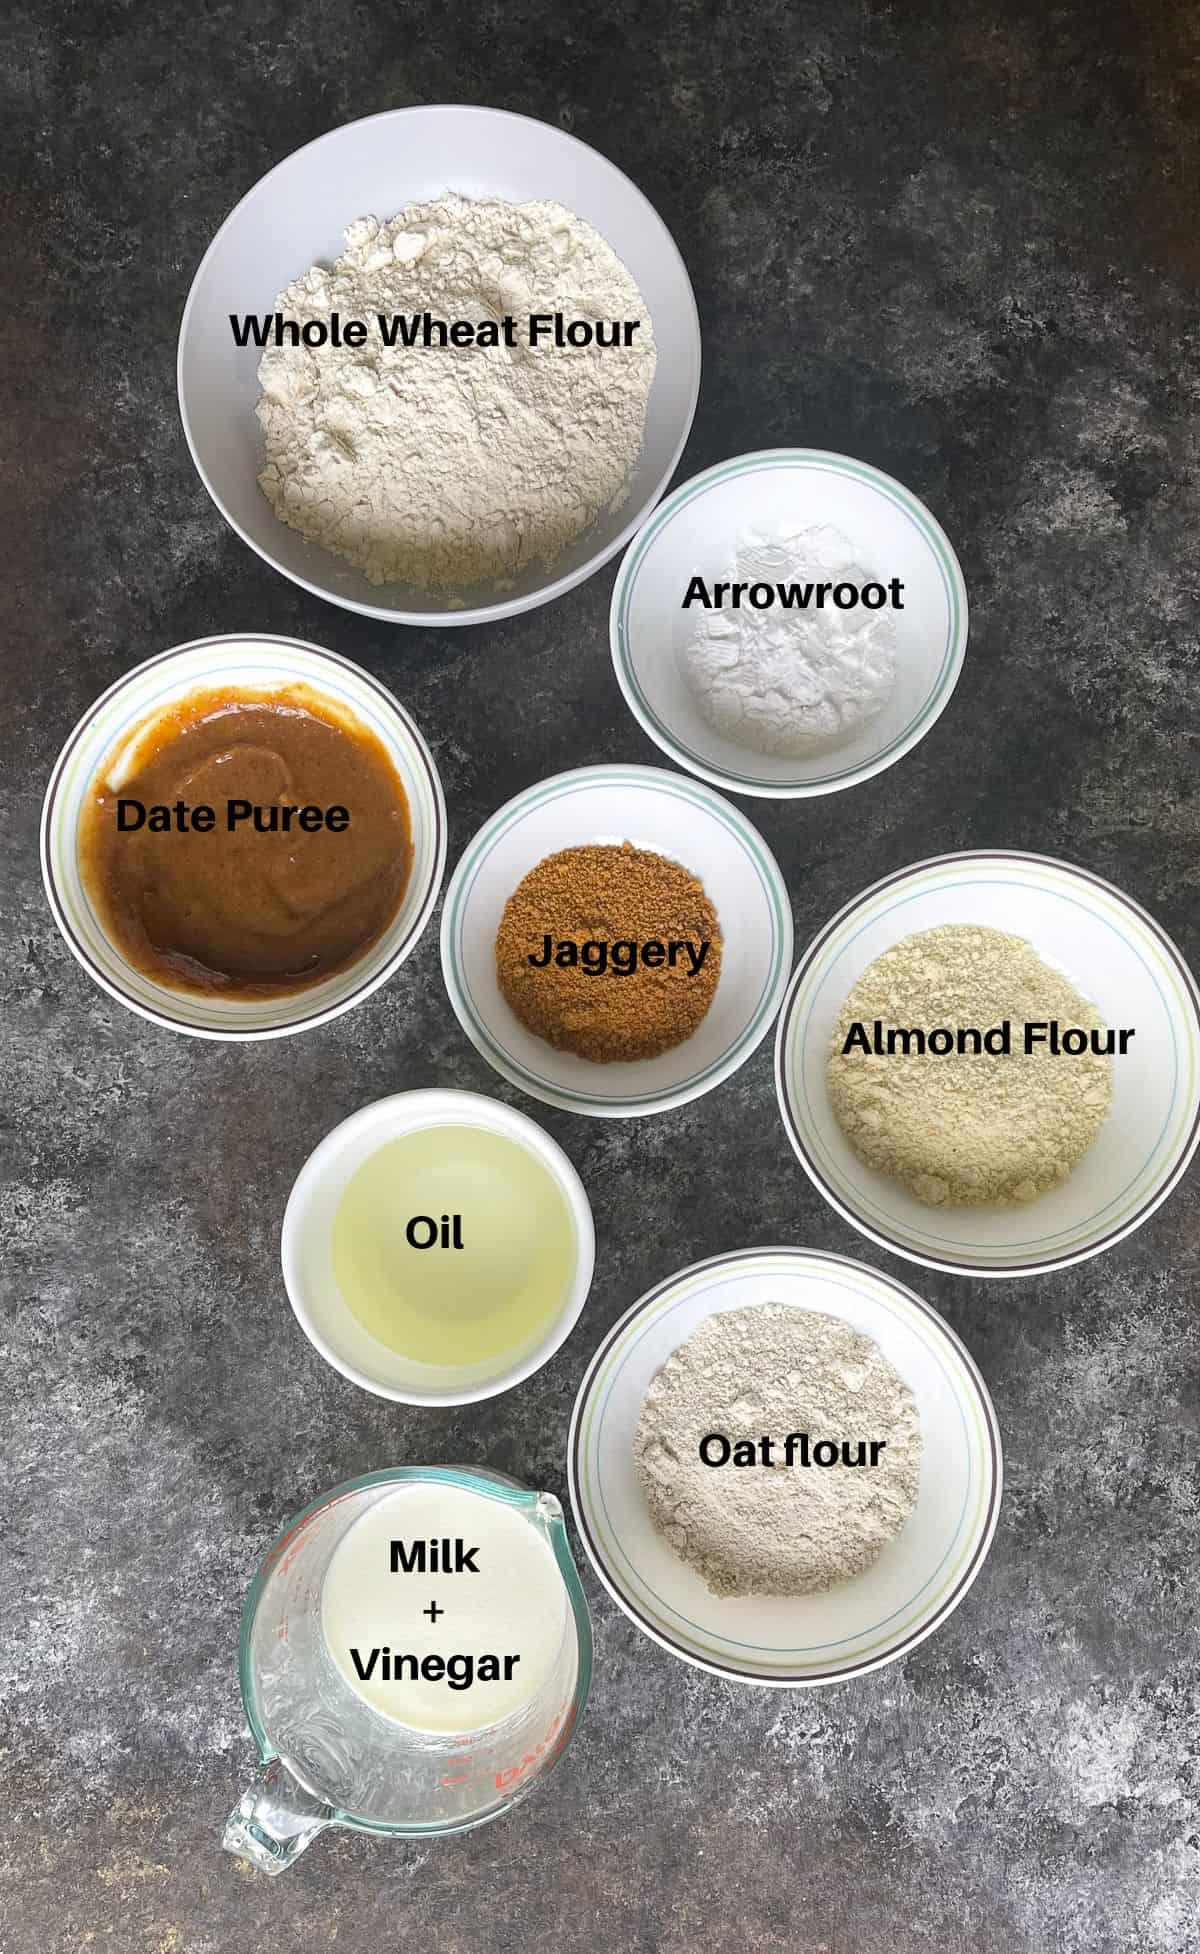 Ingredients to make a fruit cake